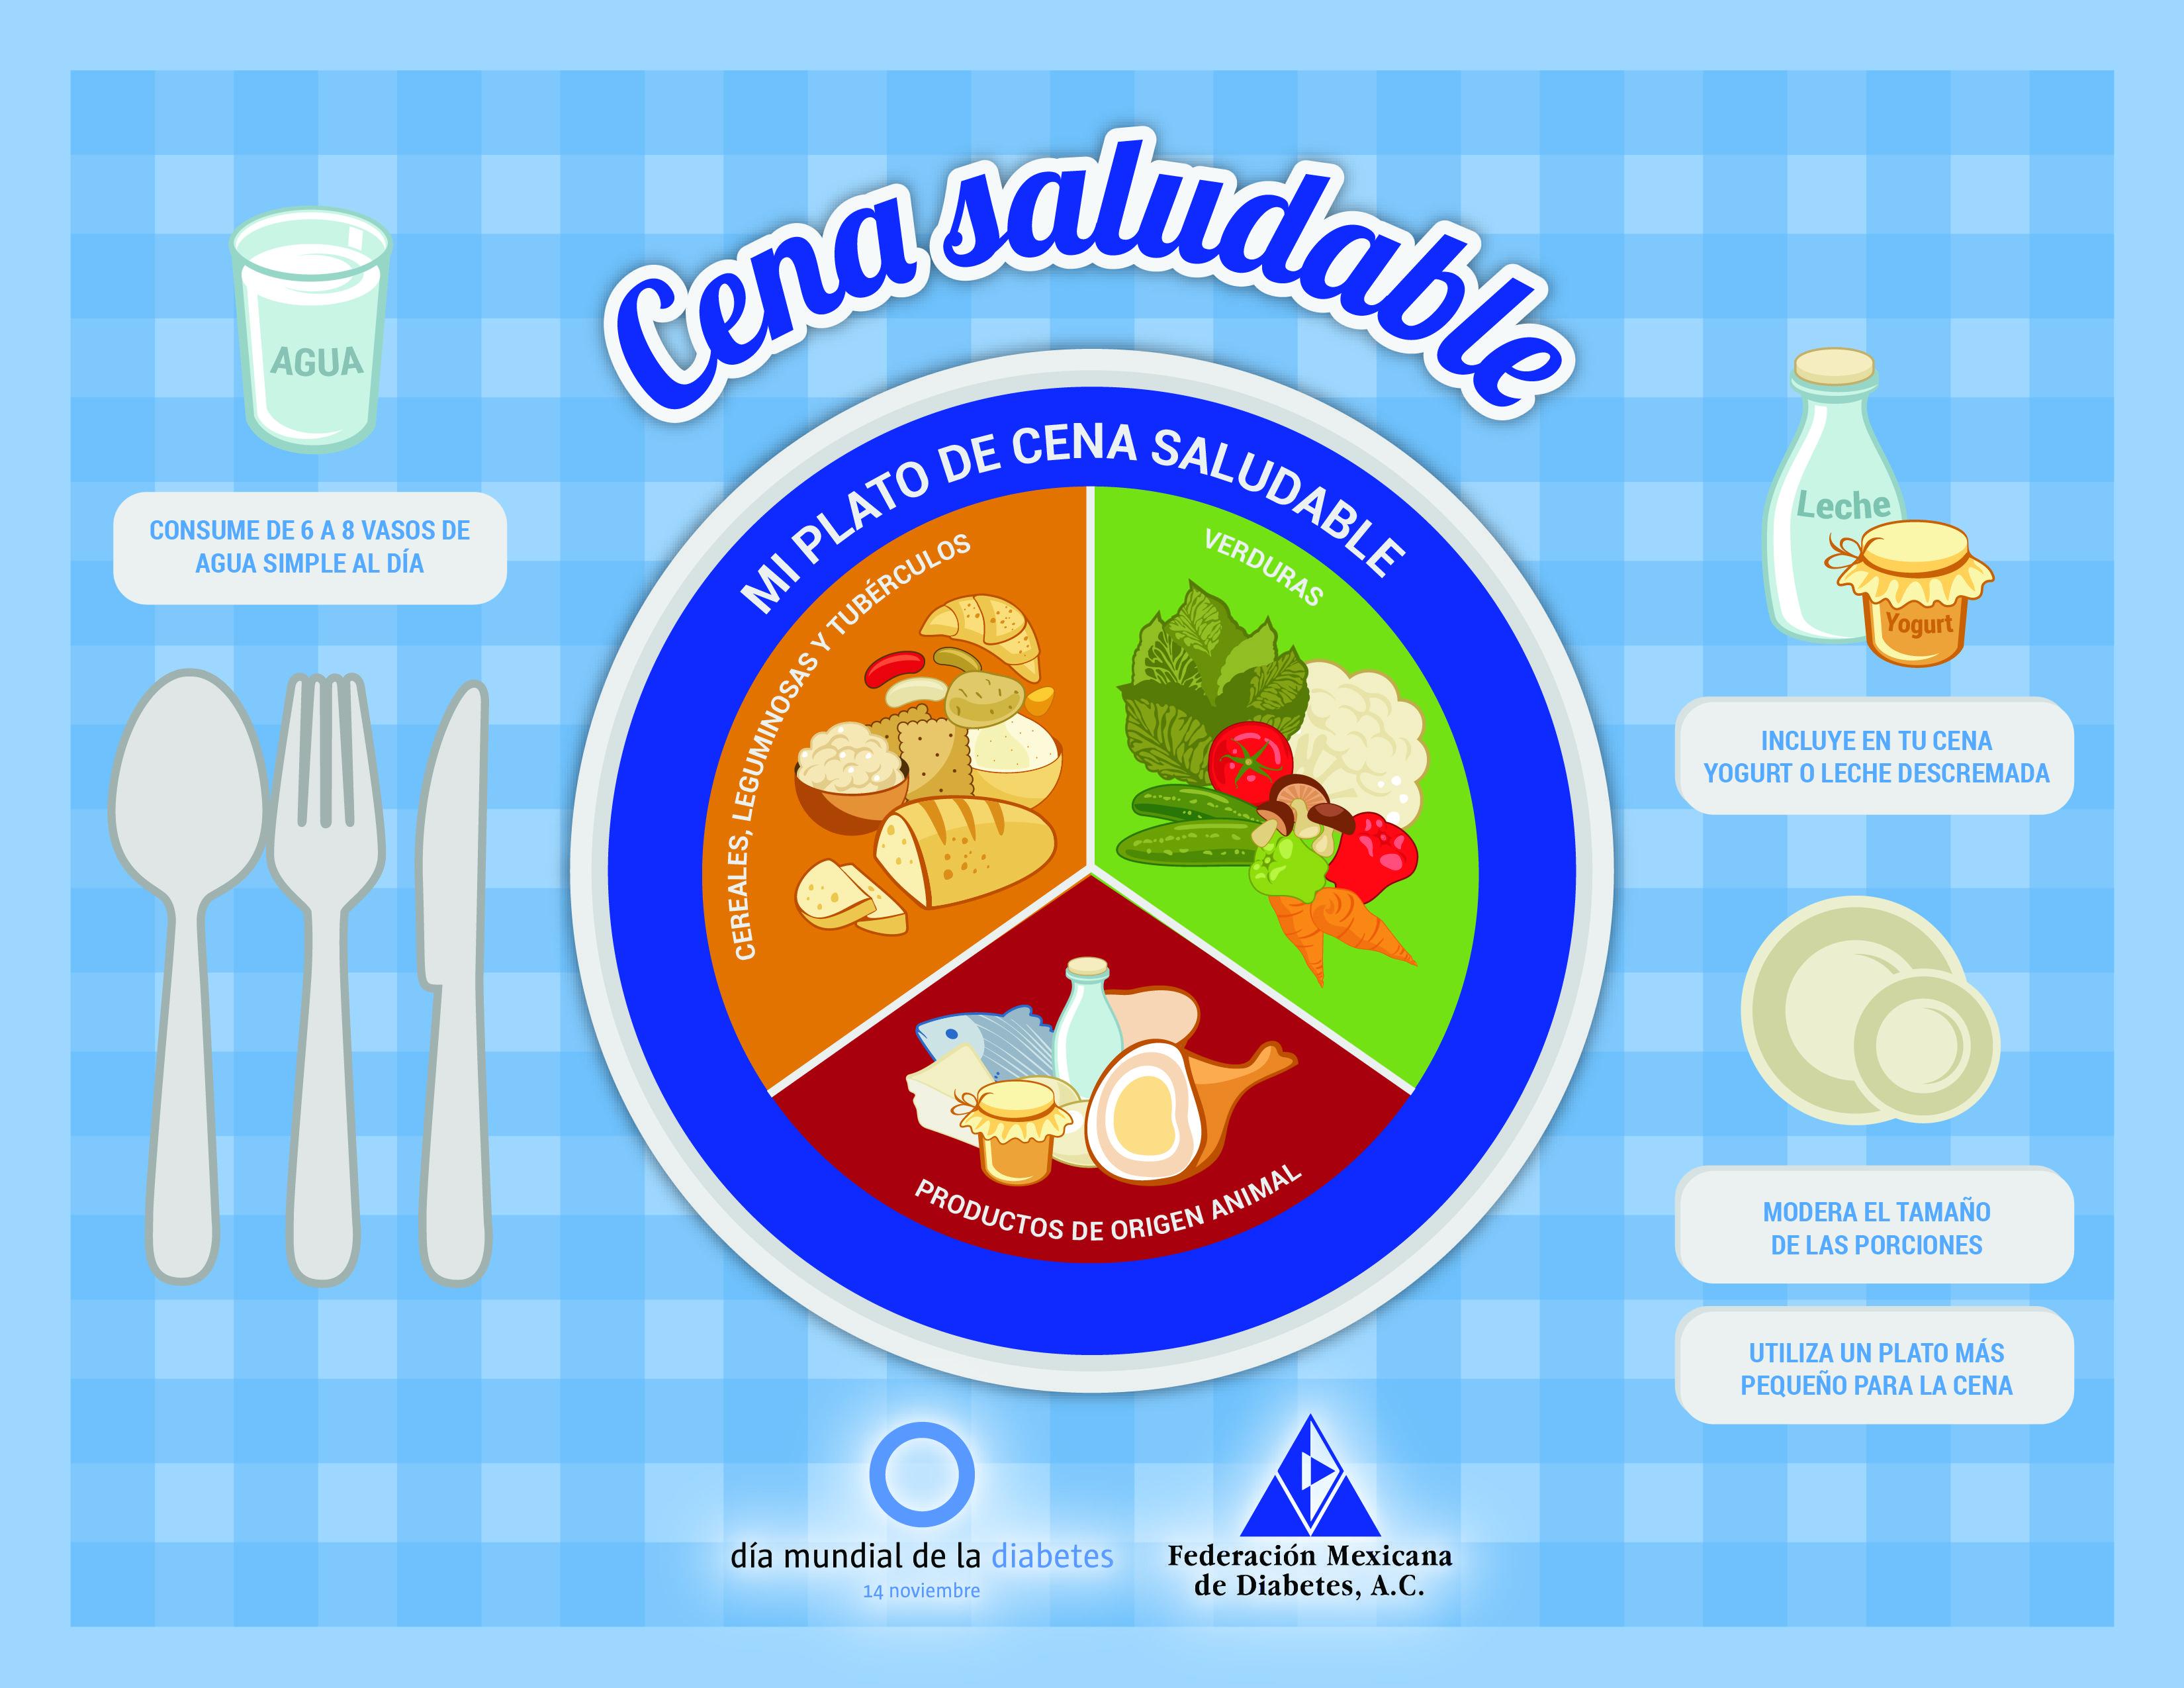 Manteletas del desayuno comida y cena saludable for Opciones de cenas saludables